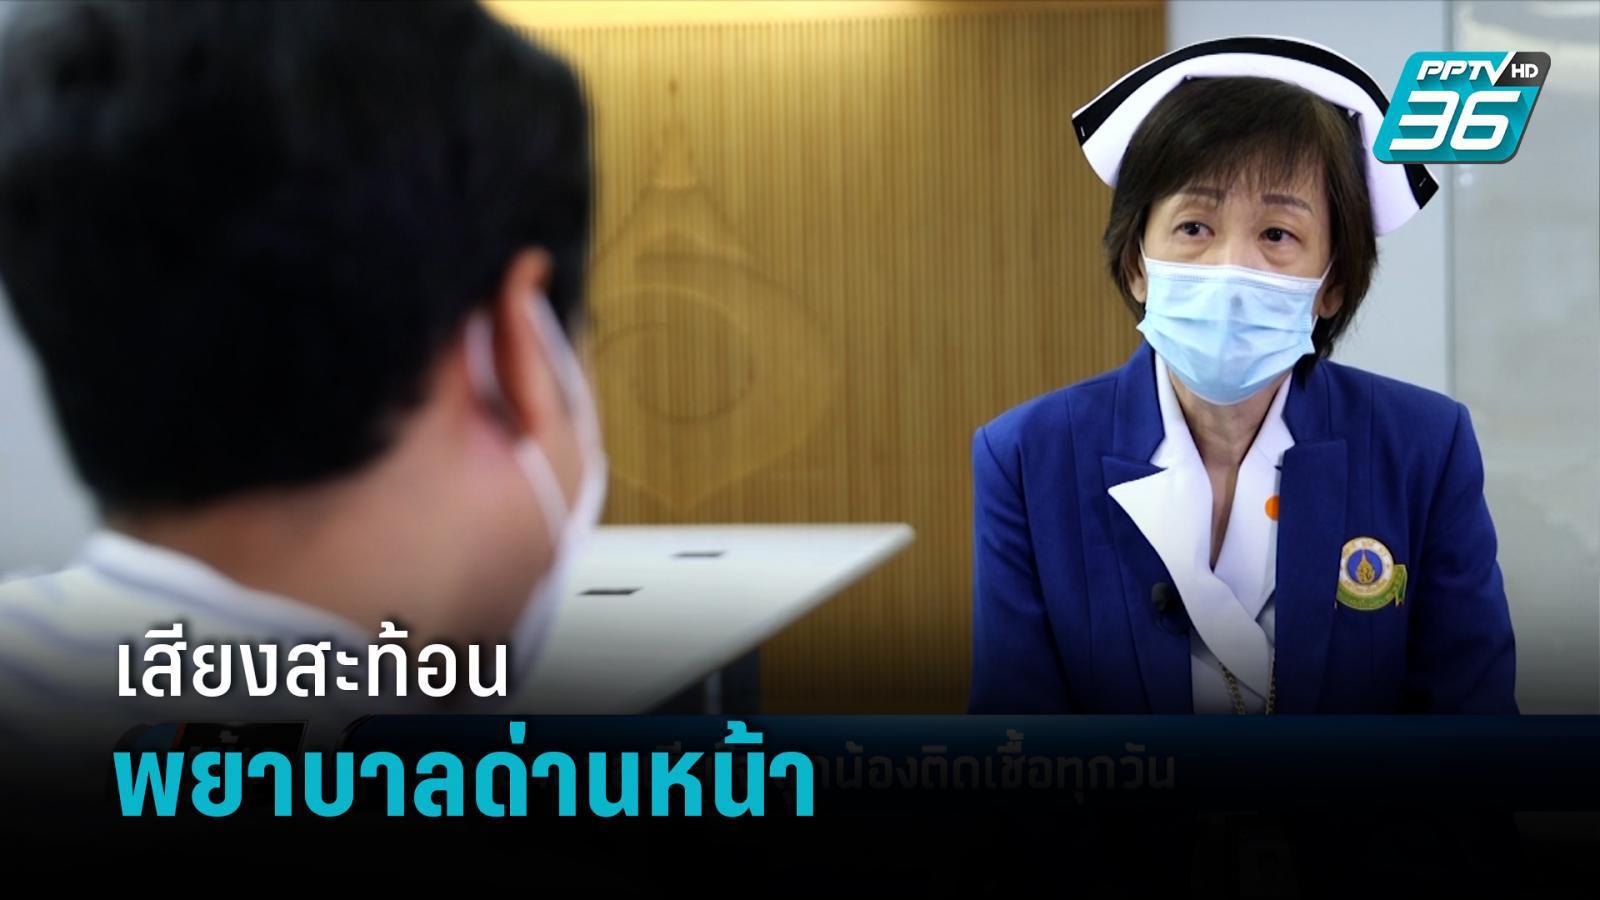 หัวหน้าพยาบาลเสียใจ ลูกน้องติดเชื้อทุกวัน